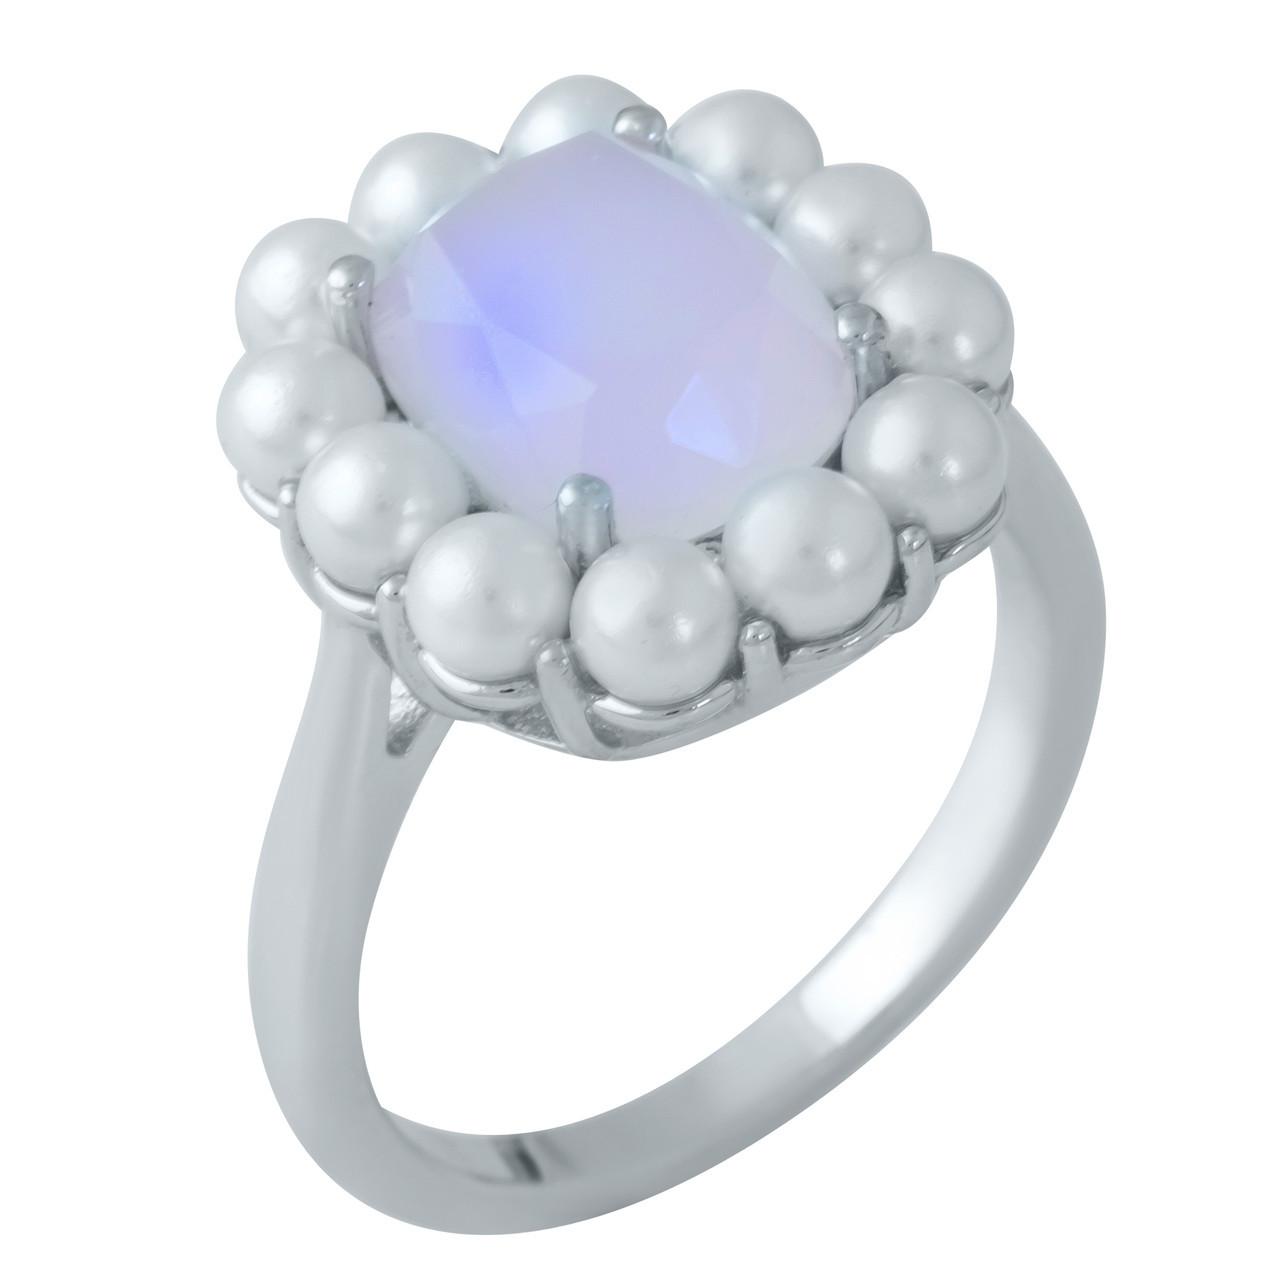 Родированное серебряное кольцо 925 пробы с розовым кварцем,